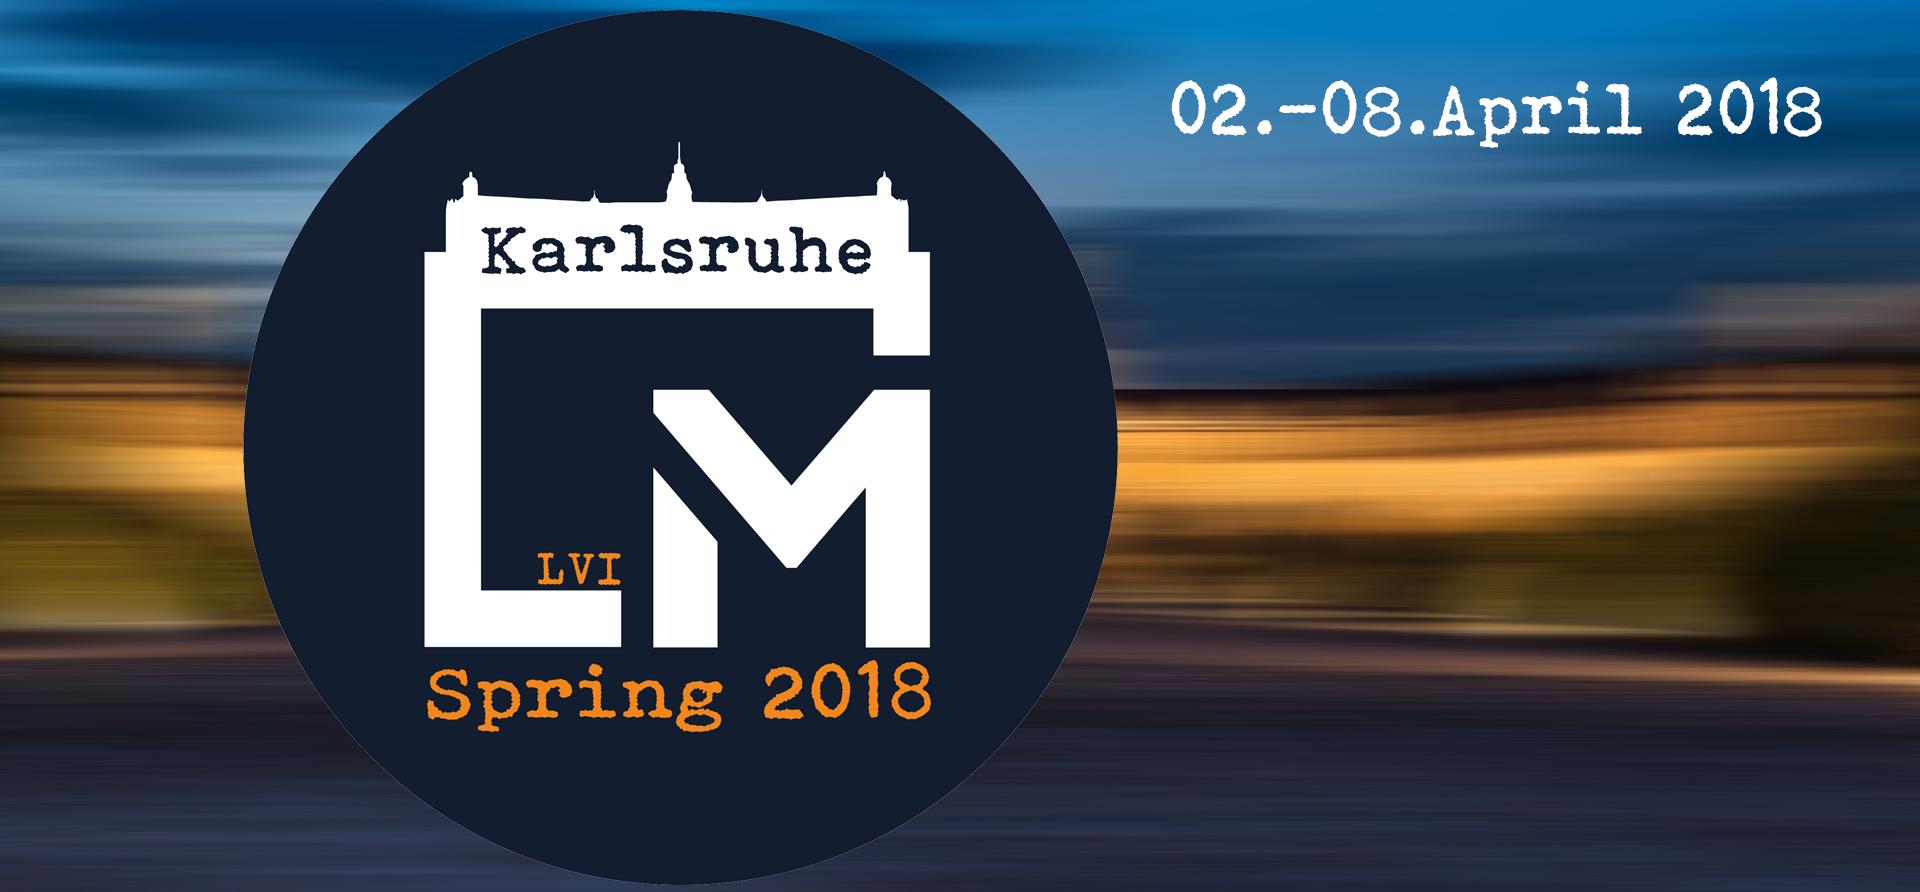 karlsruhe veranstaltungen april 2018